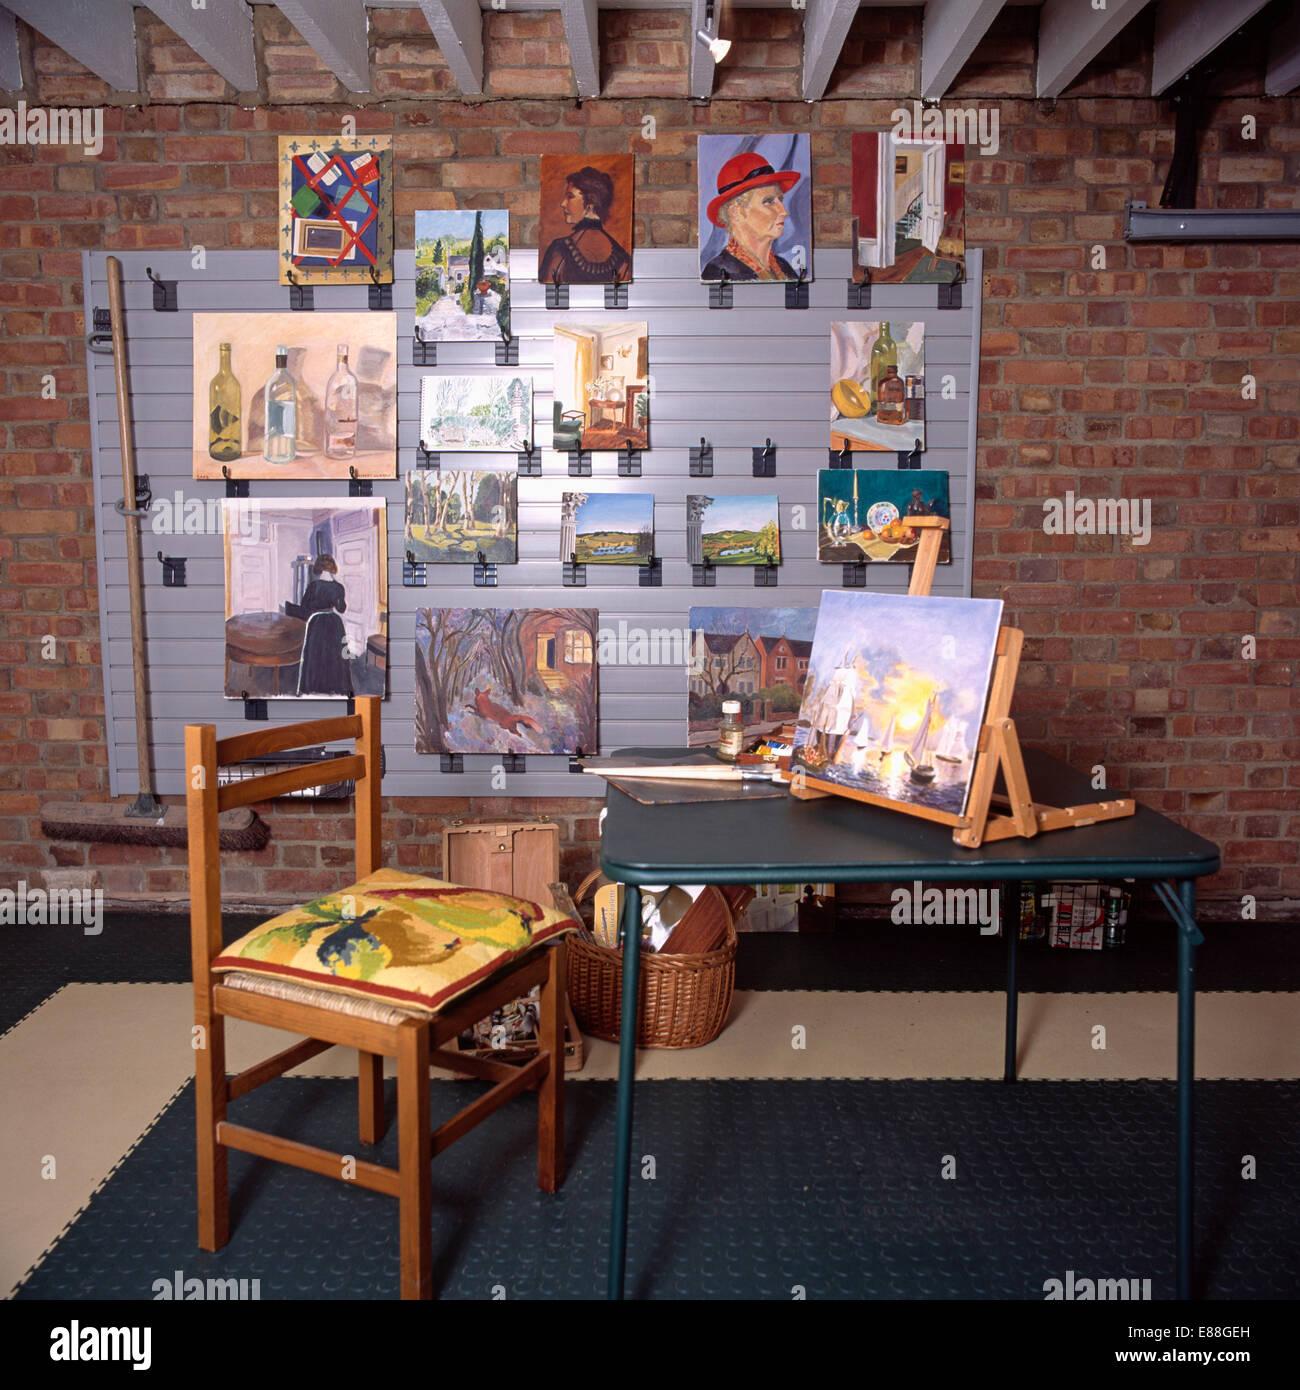 Stuhl Und Tisch Mit Gemälden An Wand In Garage In Künstleratelier  Konvertiert Stockbild